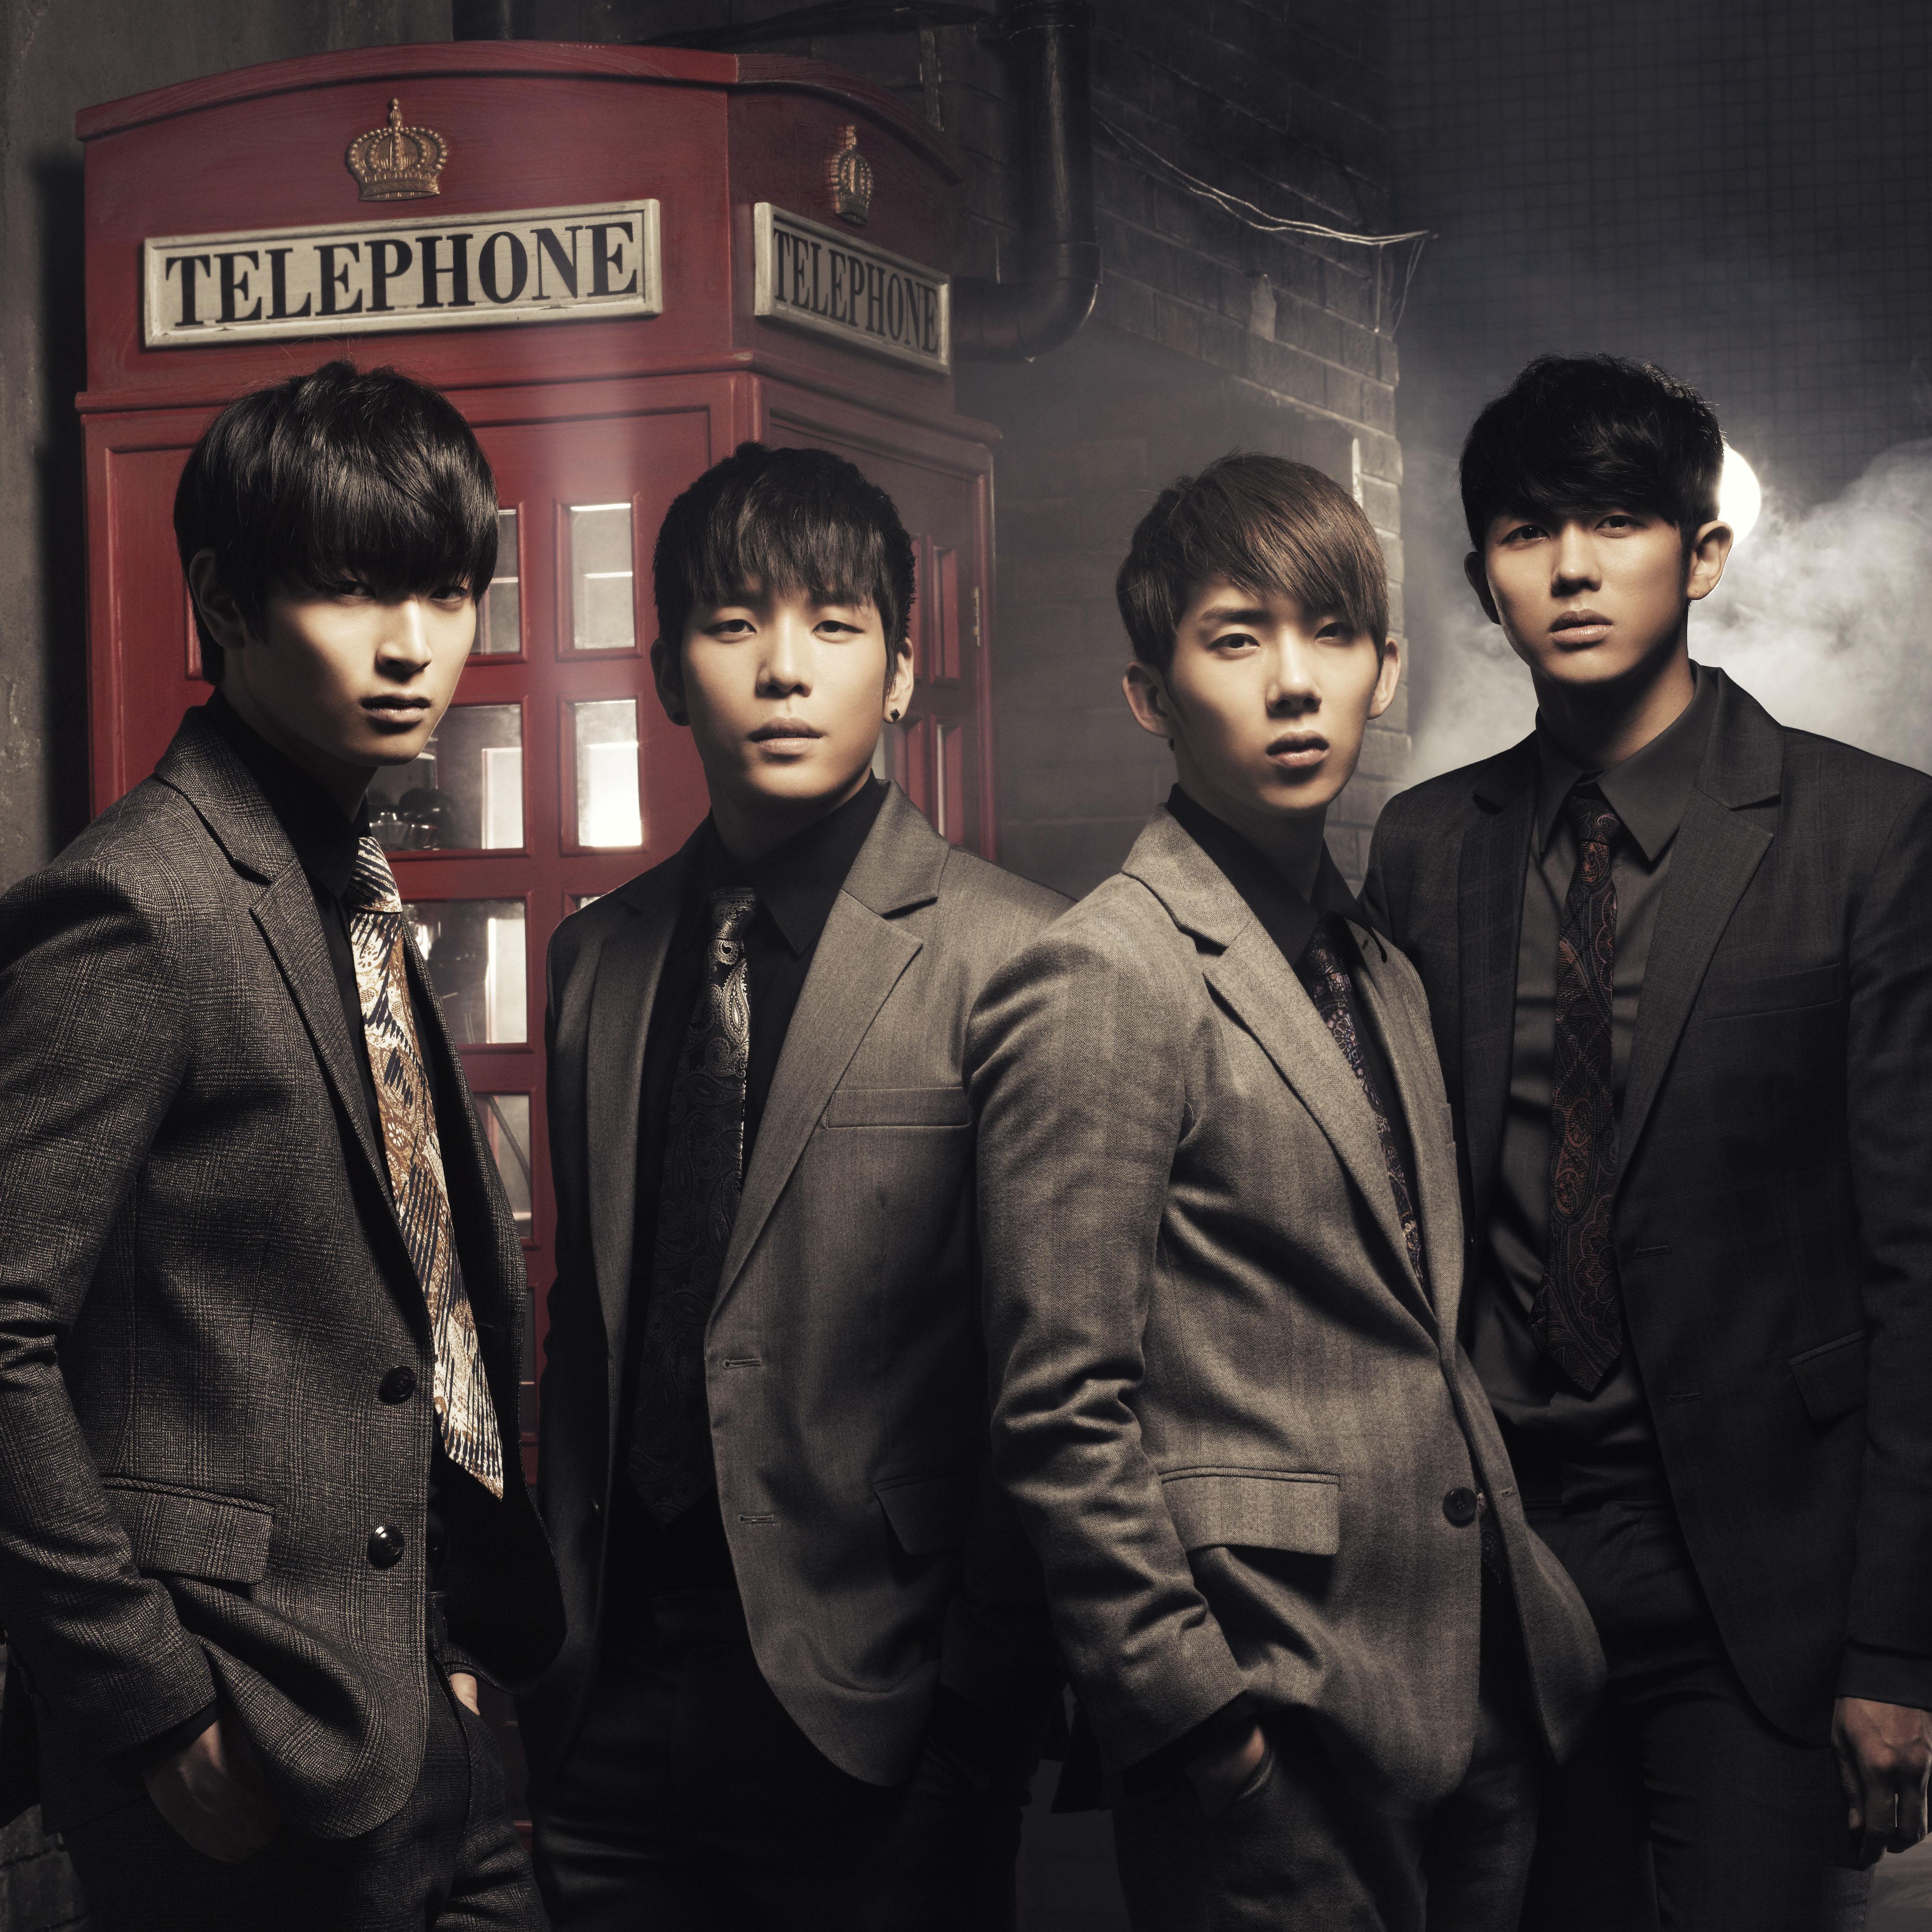 2AMインタビュー「2PMのメンバーでユニット組んでみたいのは